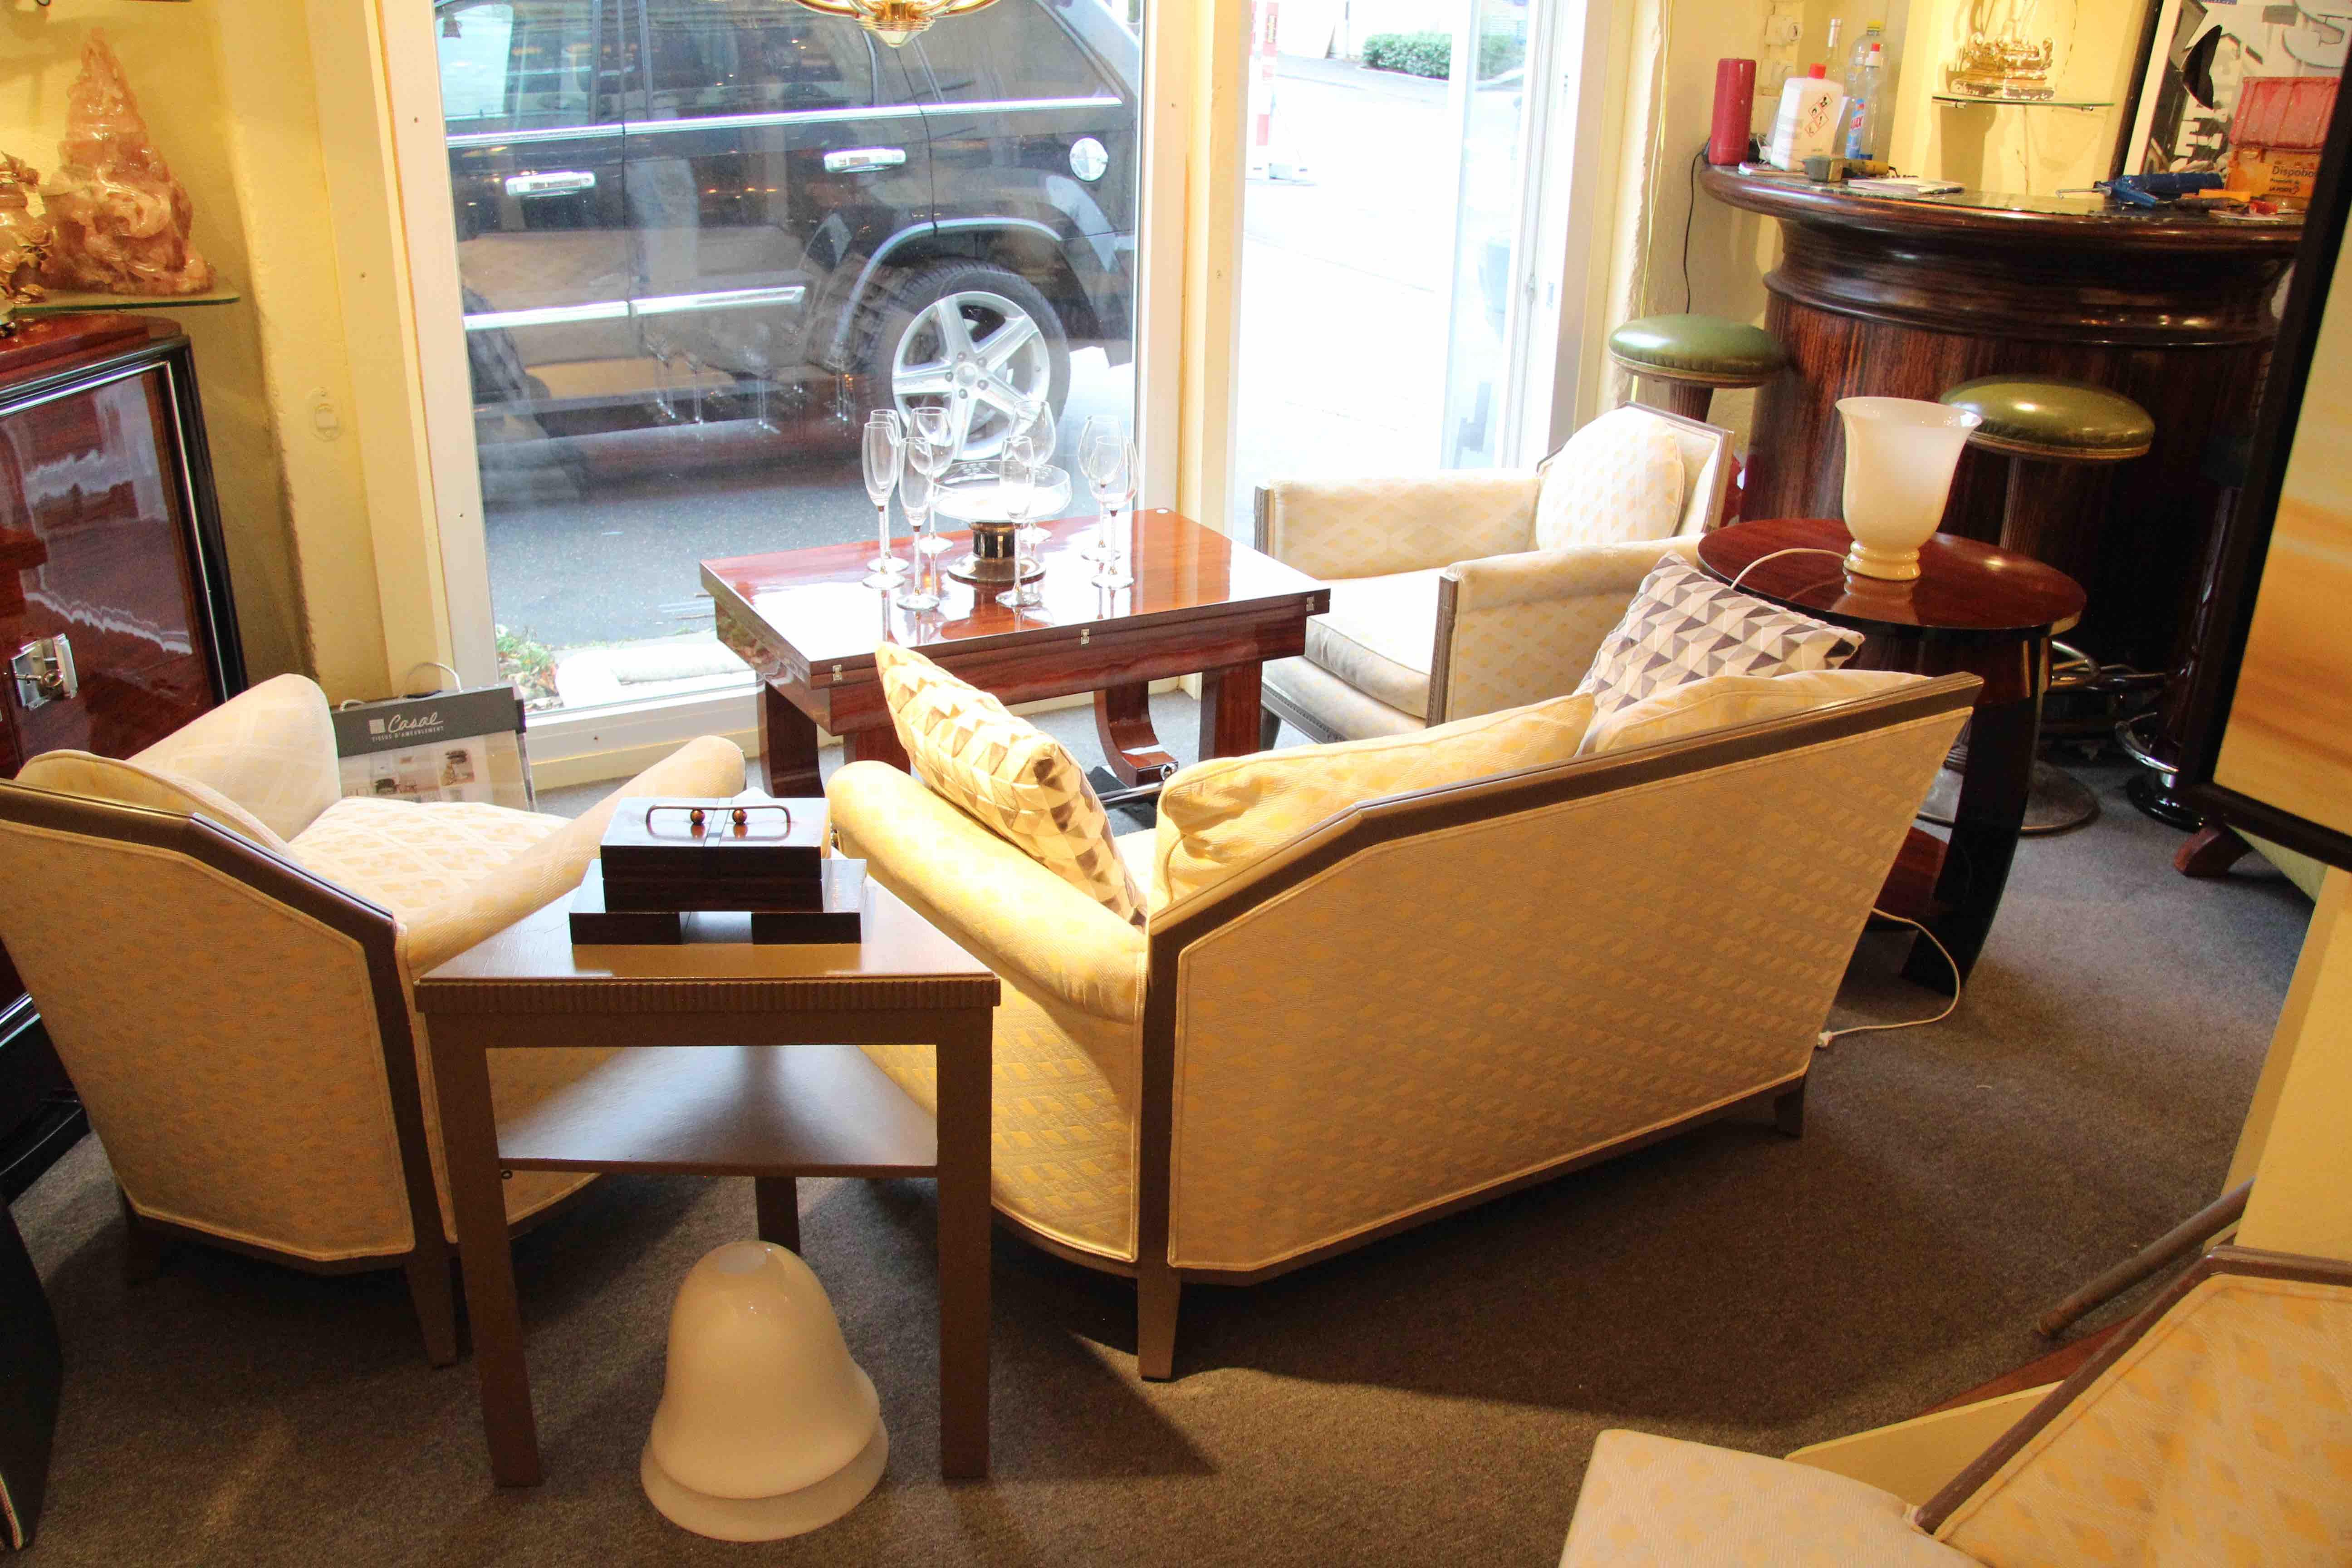 refaire son salon amazing refaire son salon pour pas cher with refaire son salon trendy. Black Bedroom Furniture Sets. Home Design Ideas